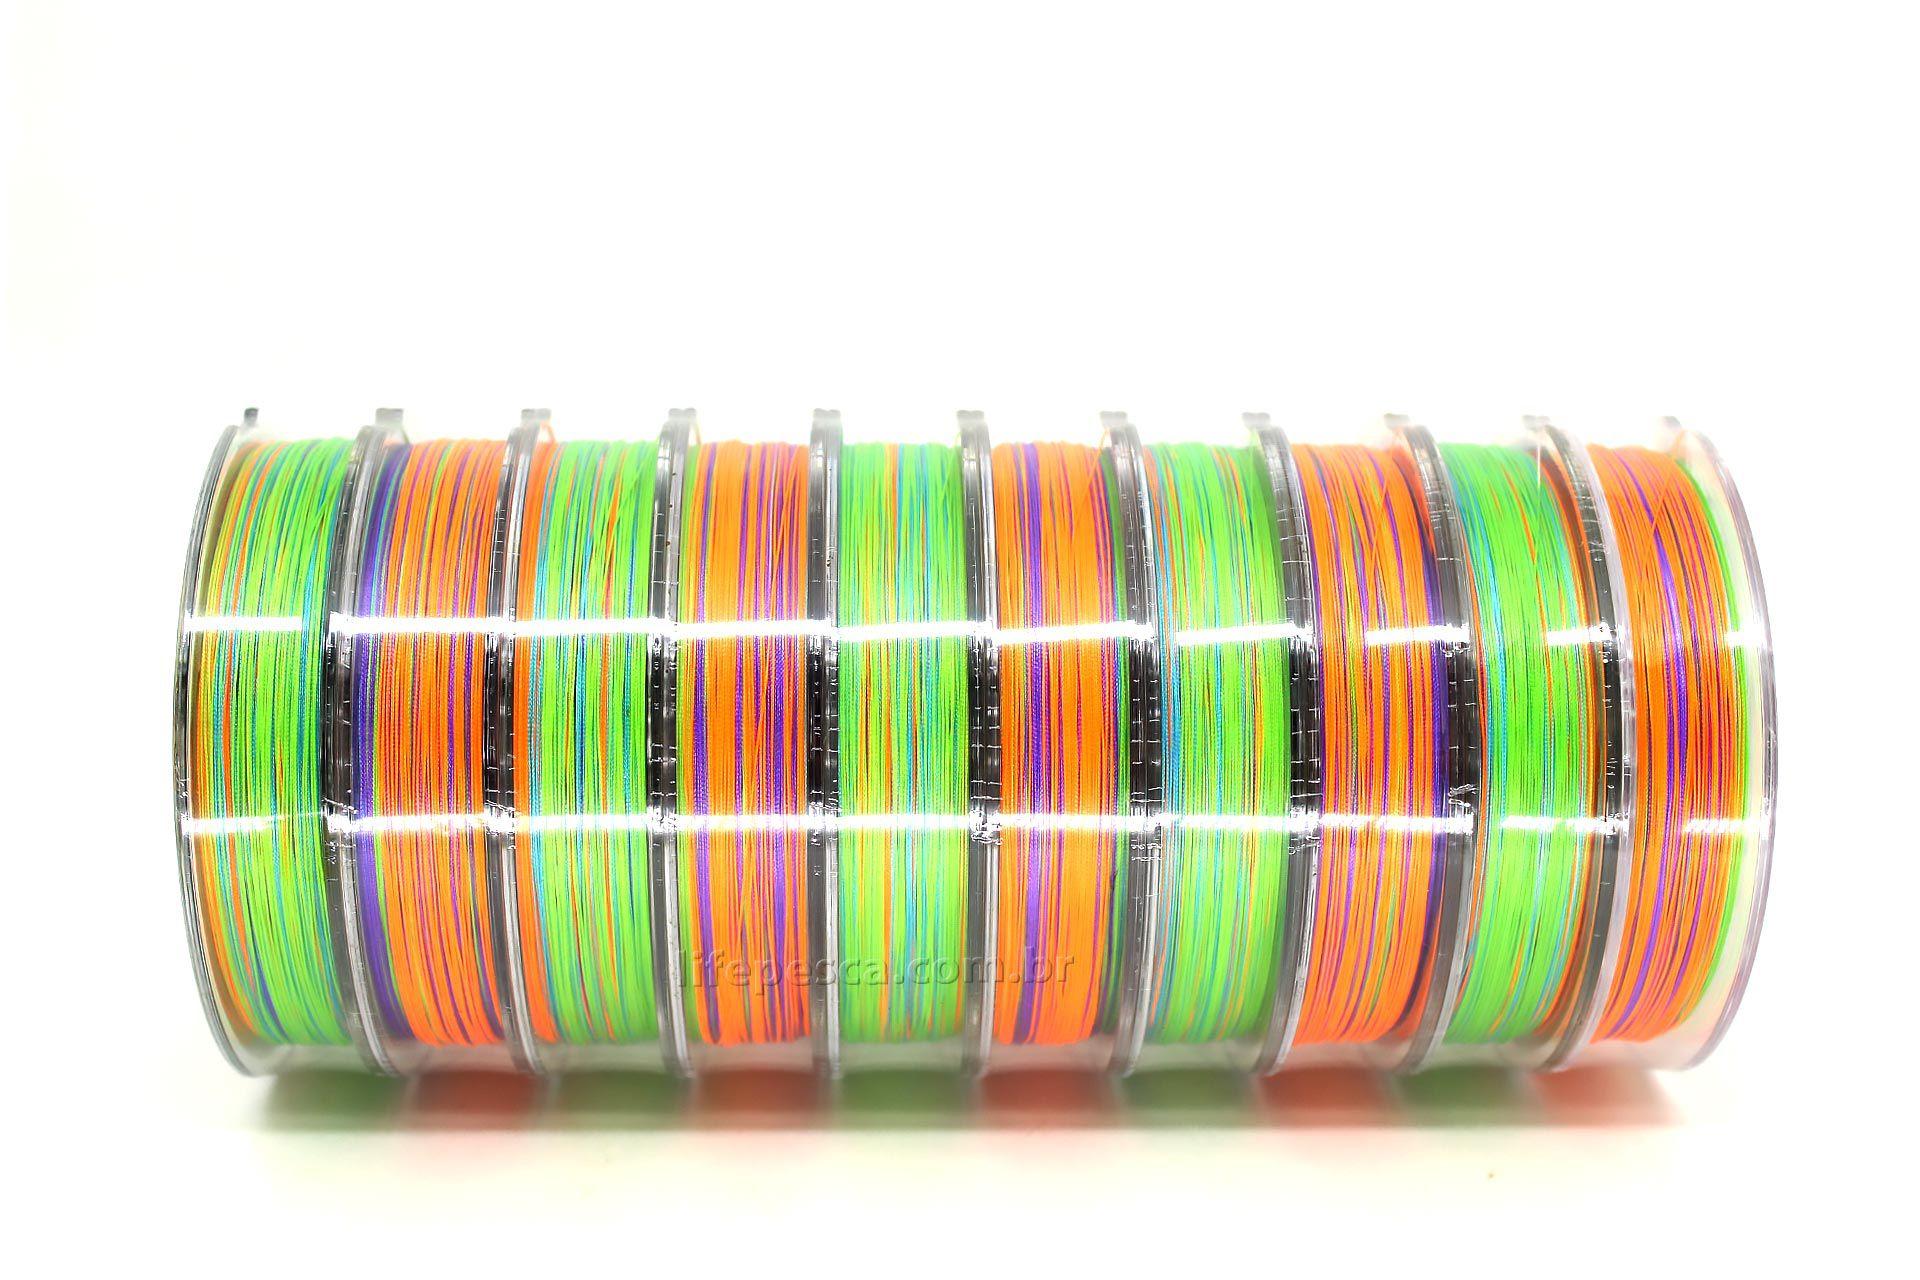 Linha Multifilamento Maruri Victoria 8x Colorida 0,50mm 76lb/34,5kg - 100 Metros  - Life Pesca - Sua loja de Pesca, Camping e Lazer